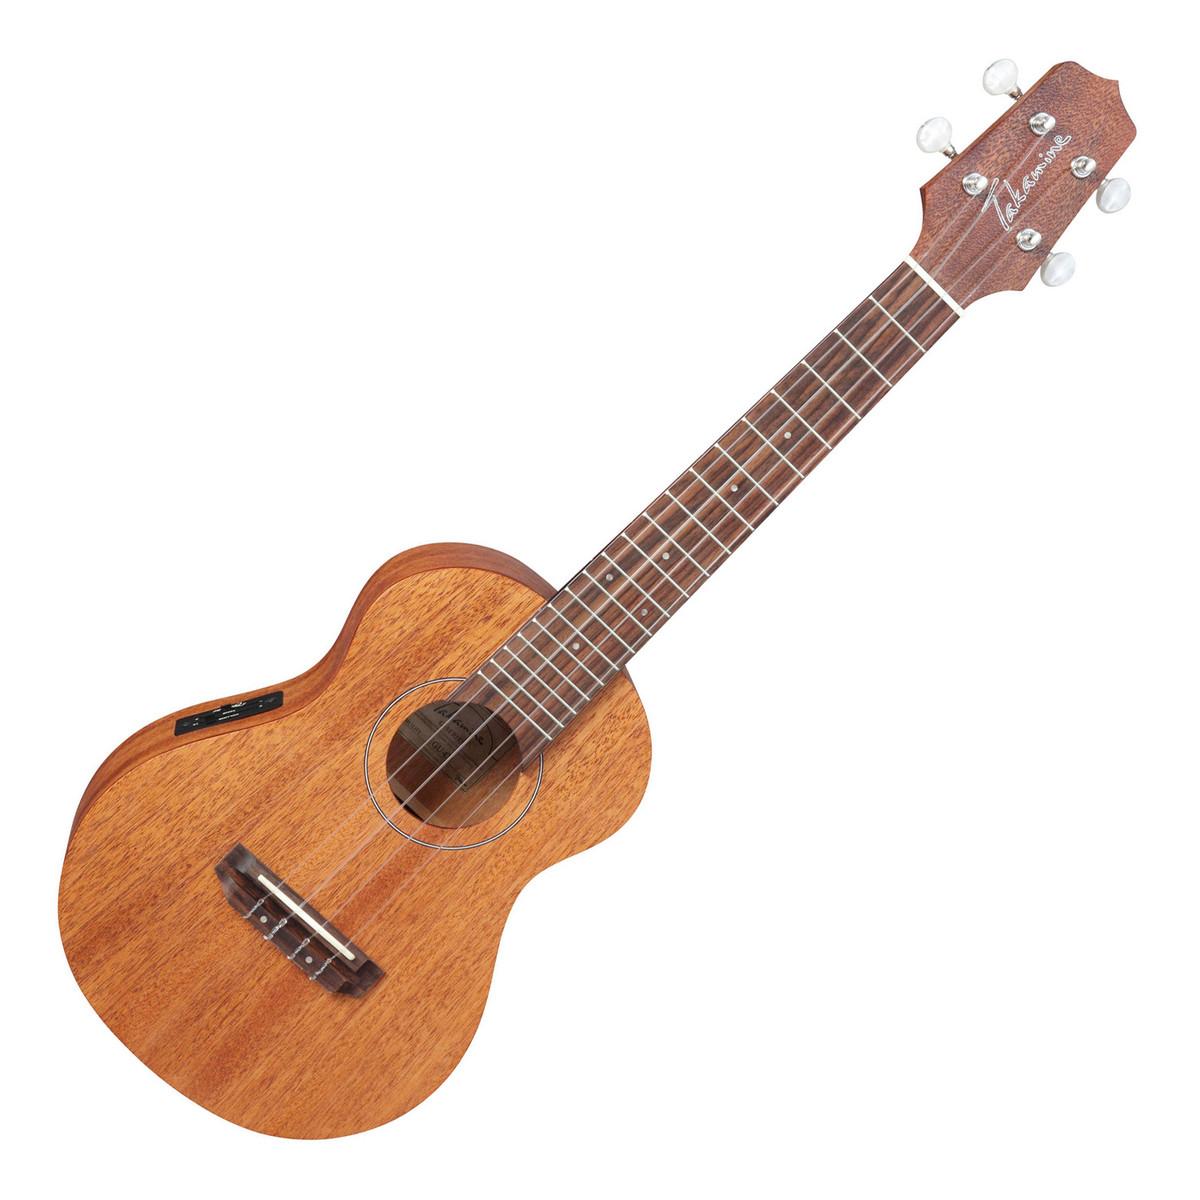 takamine egu c1 electro acoustic concert ukulele natural at. Black Bedroom Furniture Sets. Home Design Ideas